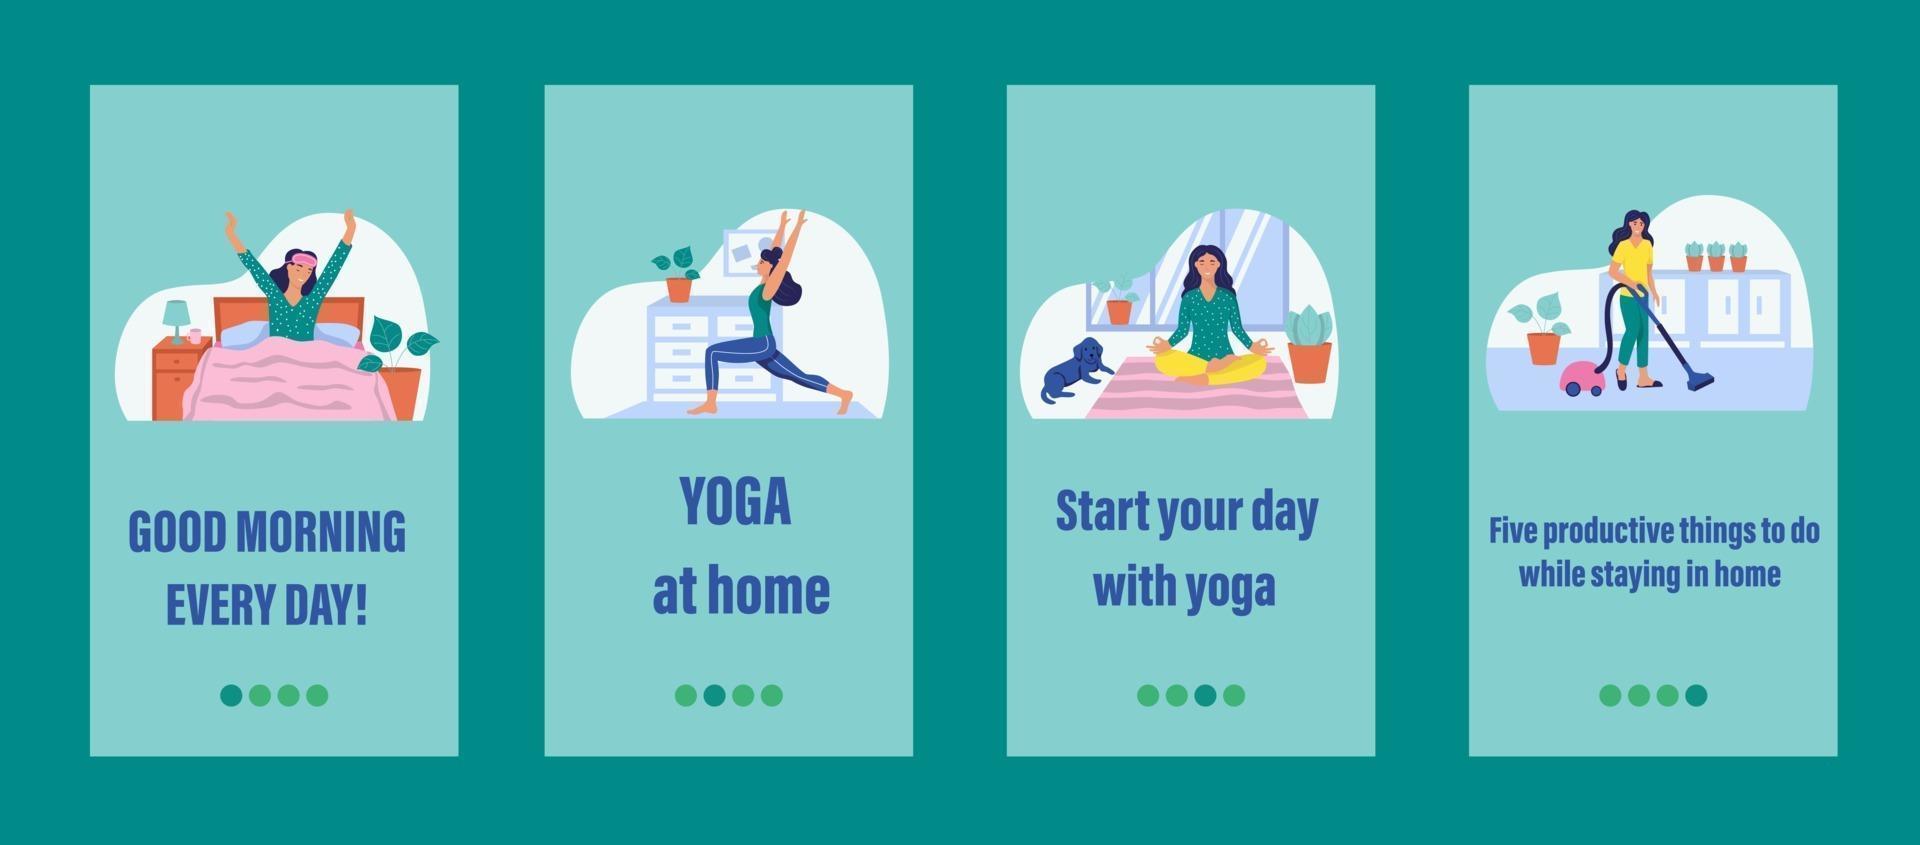 modello di app mobile di vita quotidiana. concetto di affari interni, autoisolamento, sport a casa. illustrazione vettoriale piatta.